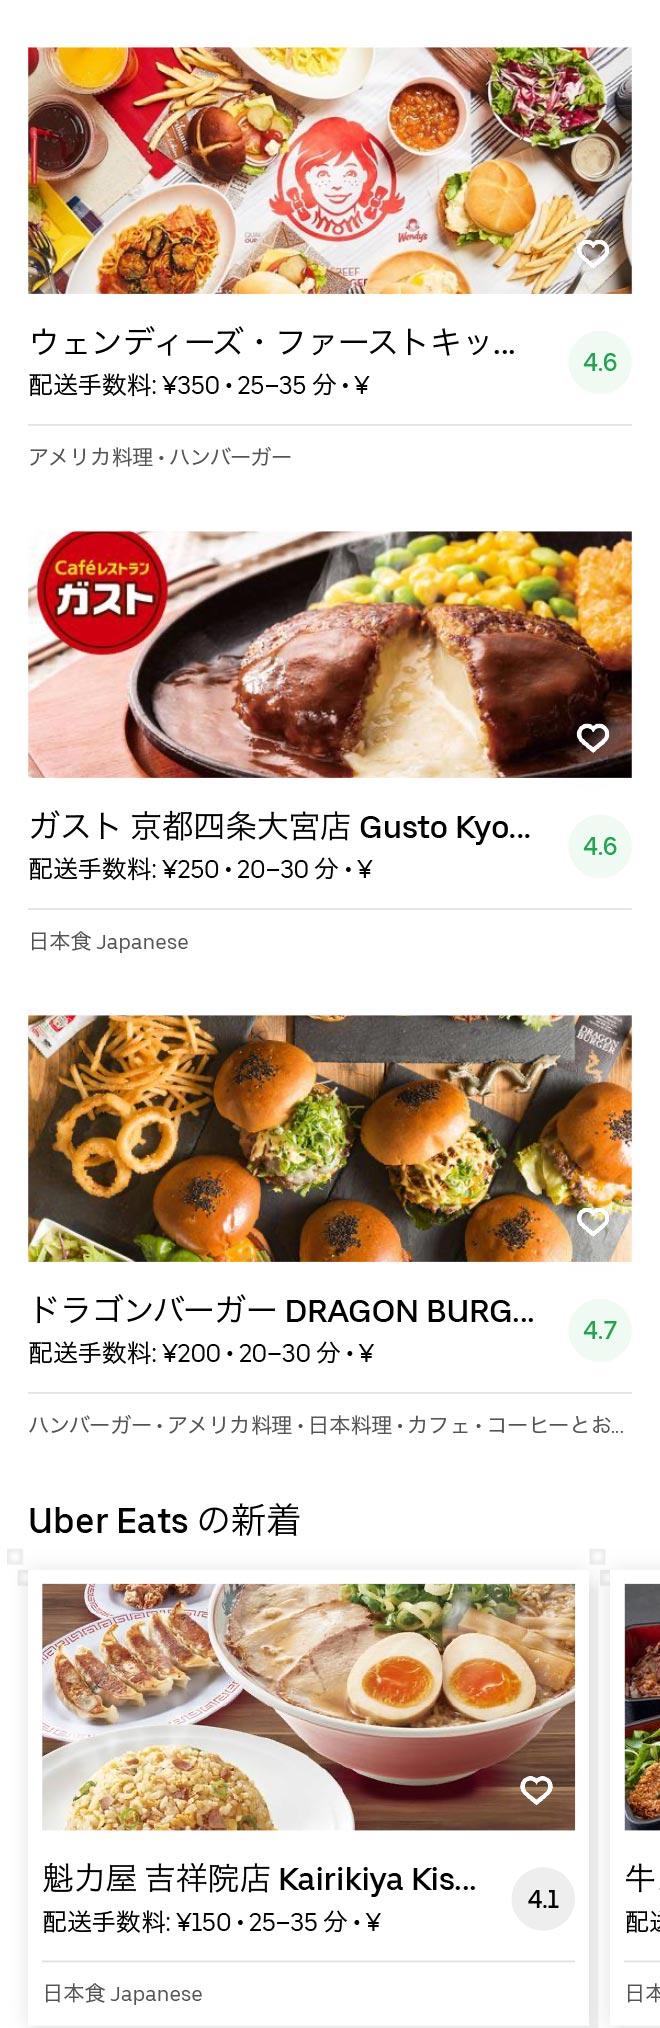 Kyoto nishioji menu 2005 05